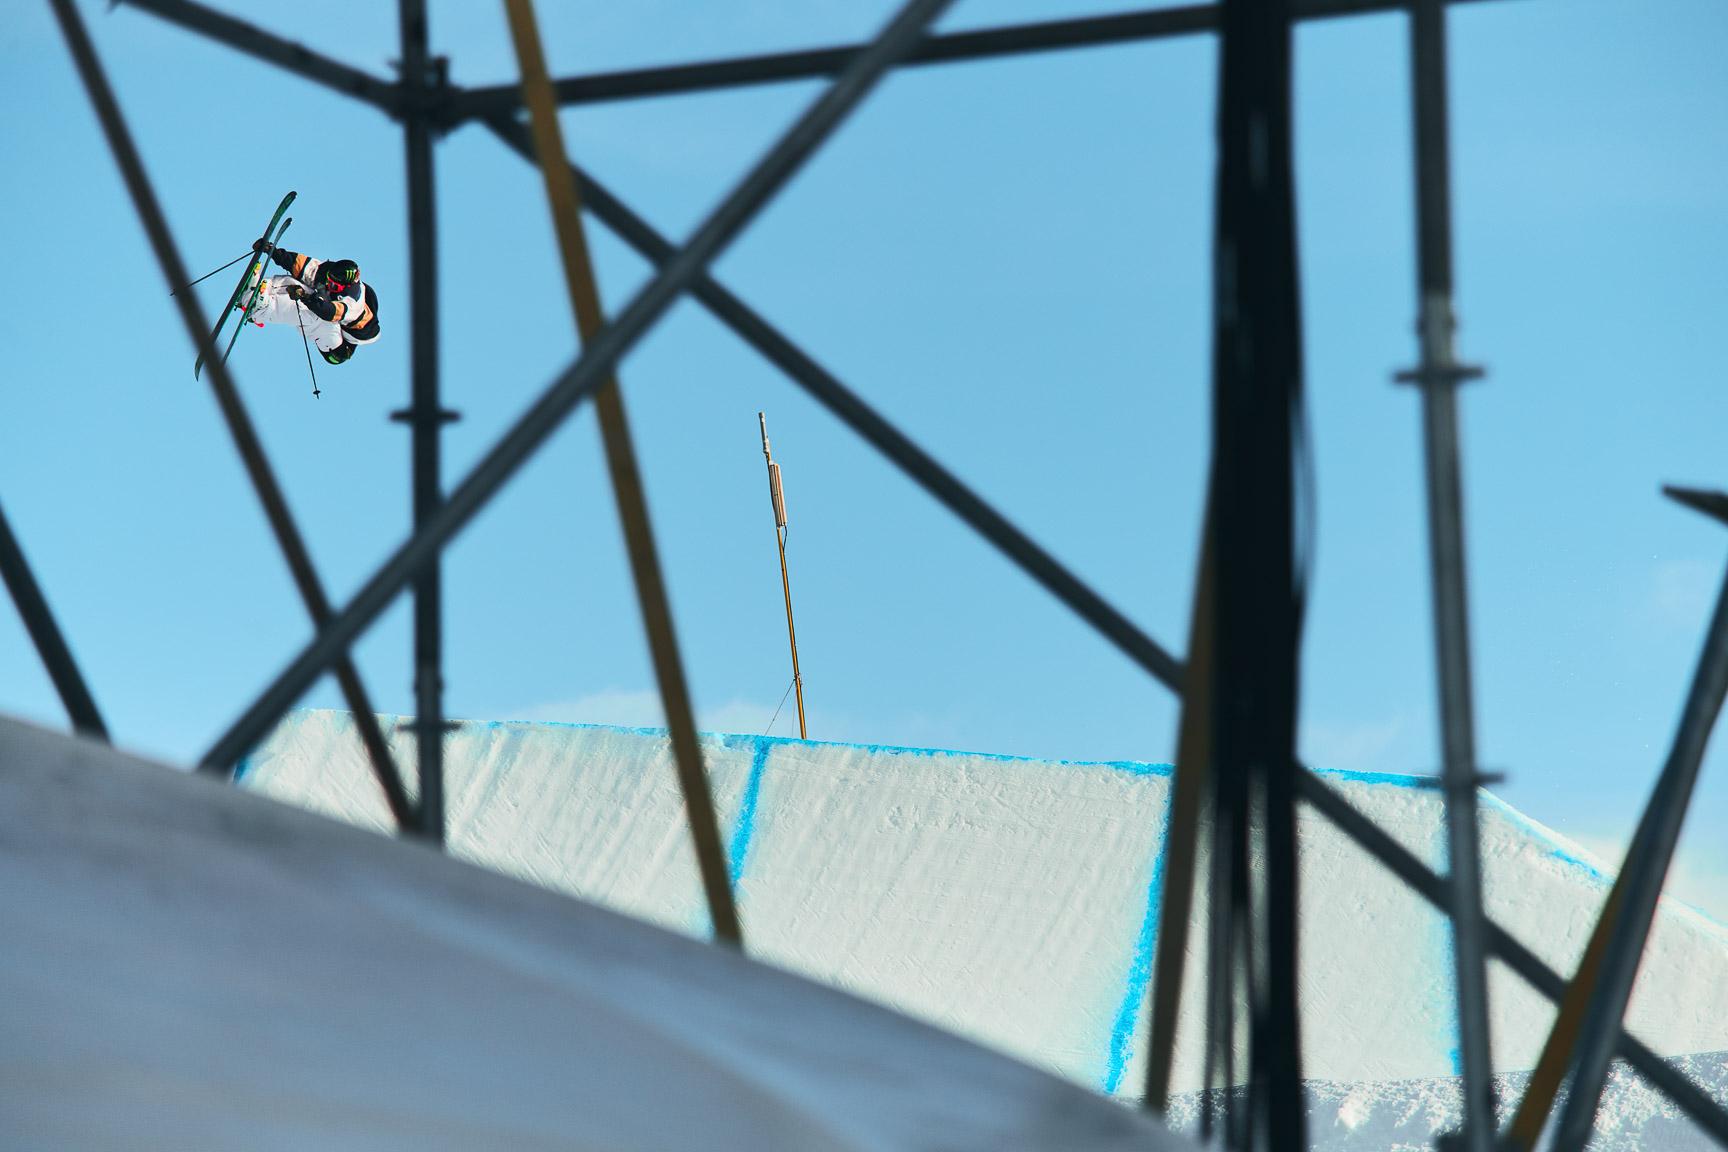 Henrik Harlaut, Men's Ski Slopestyle practice